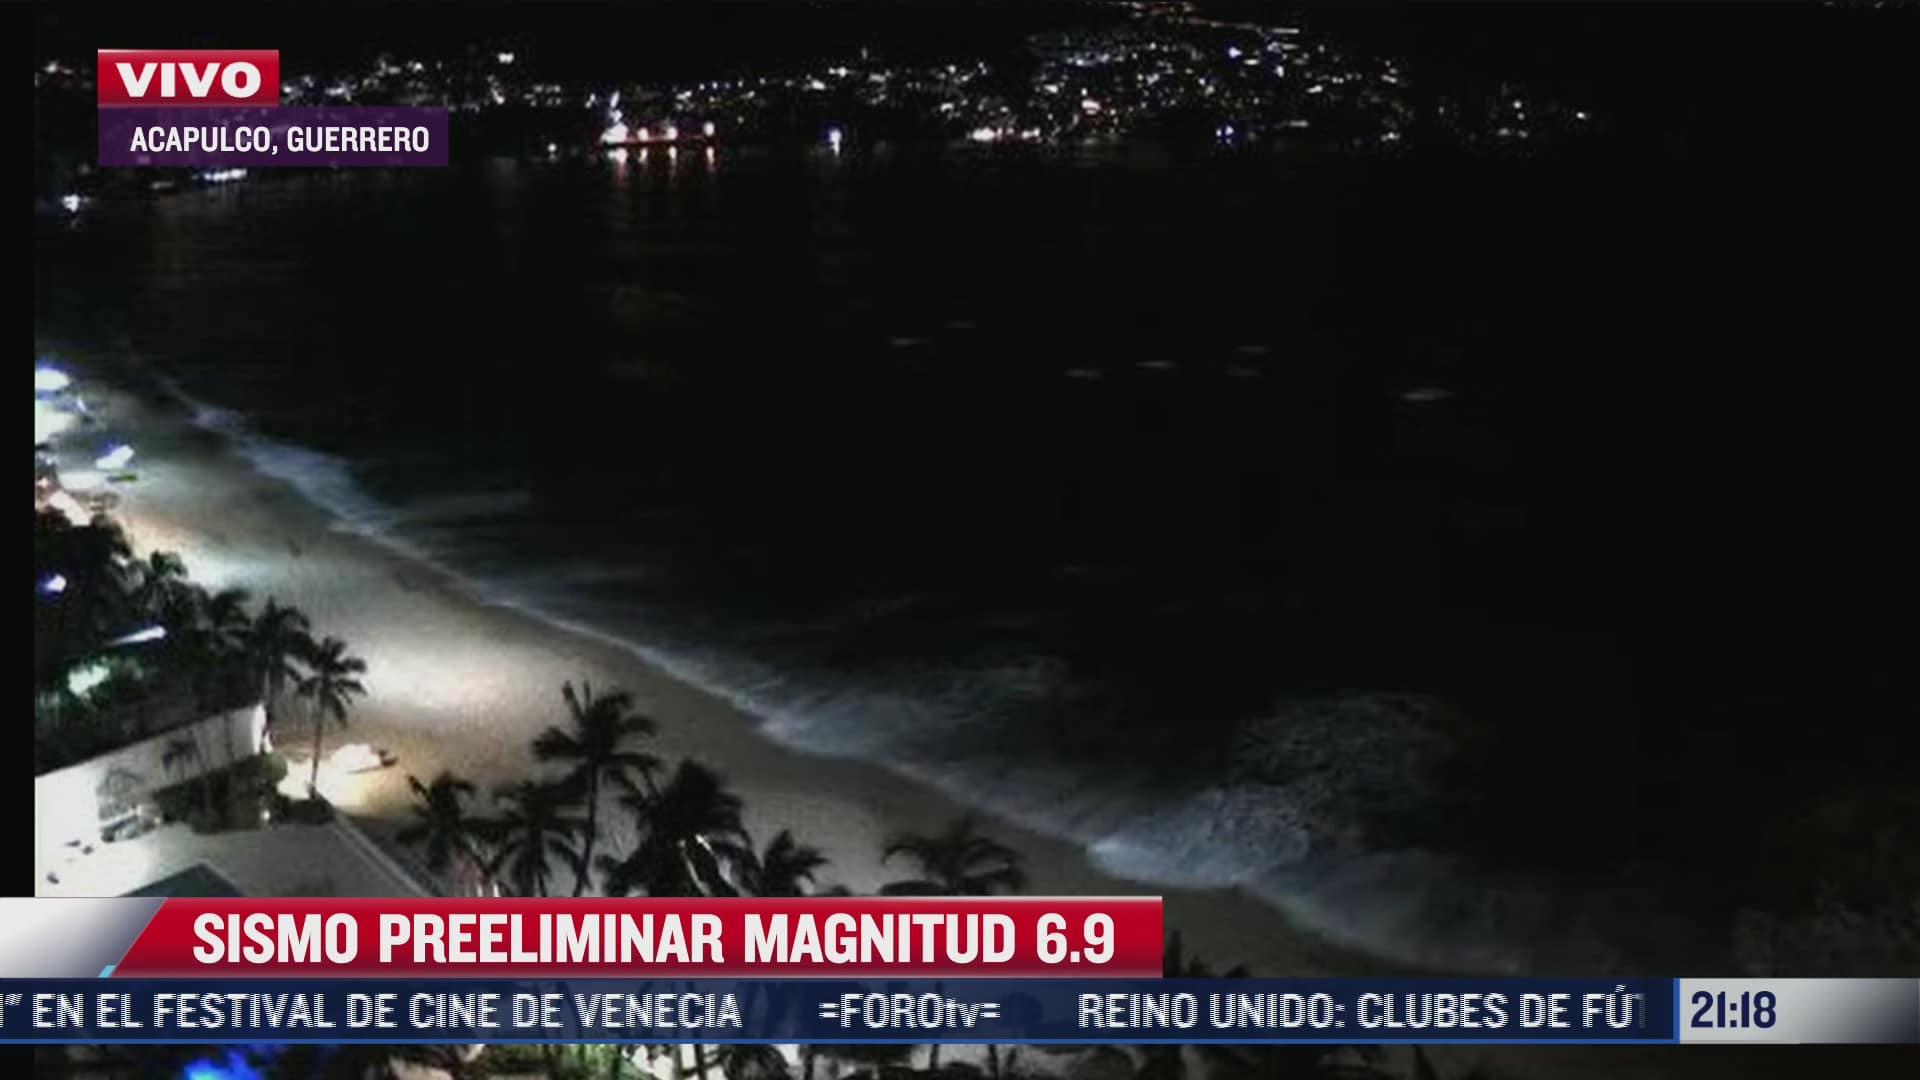 cortes de luz y telefonia en acapulco tras sismo de